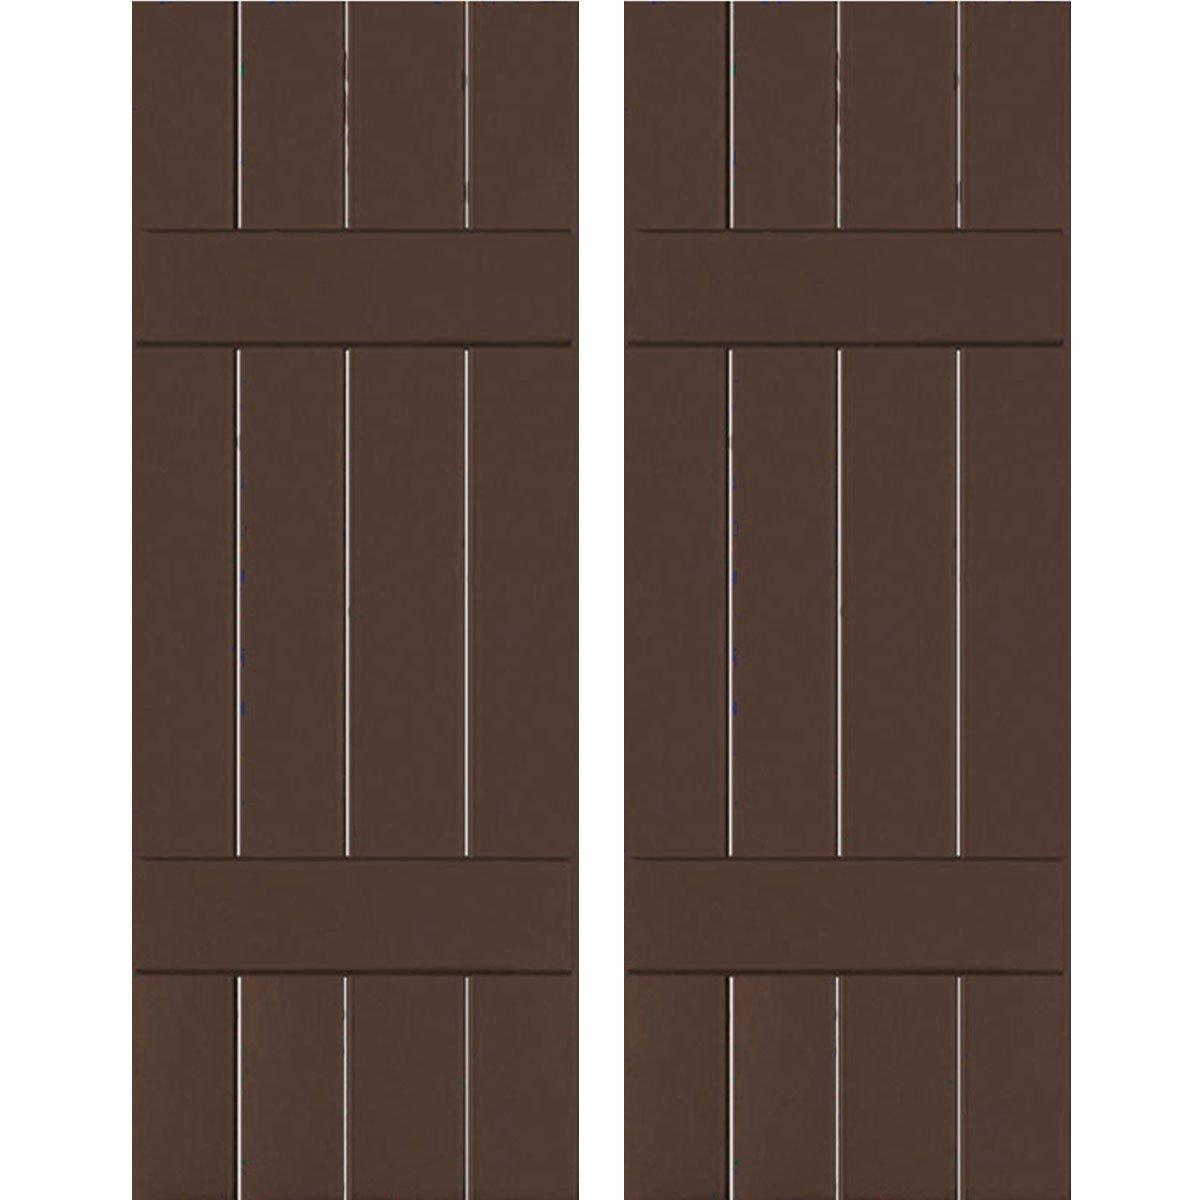 Ekena Millwork RWB15X030TBW Exterior Four Board